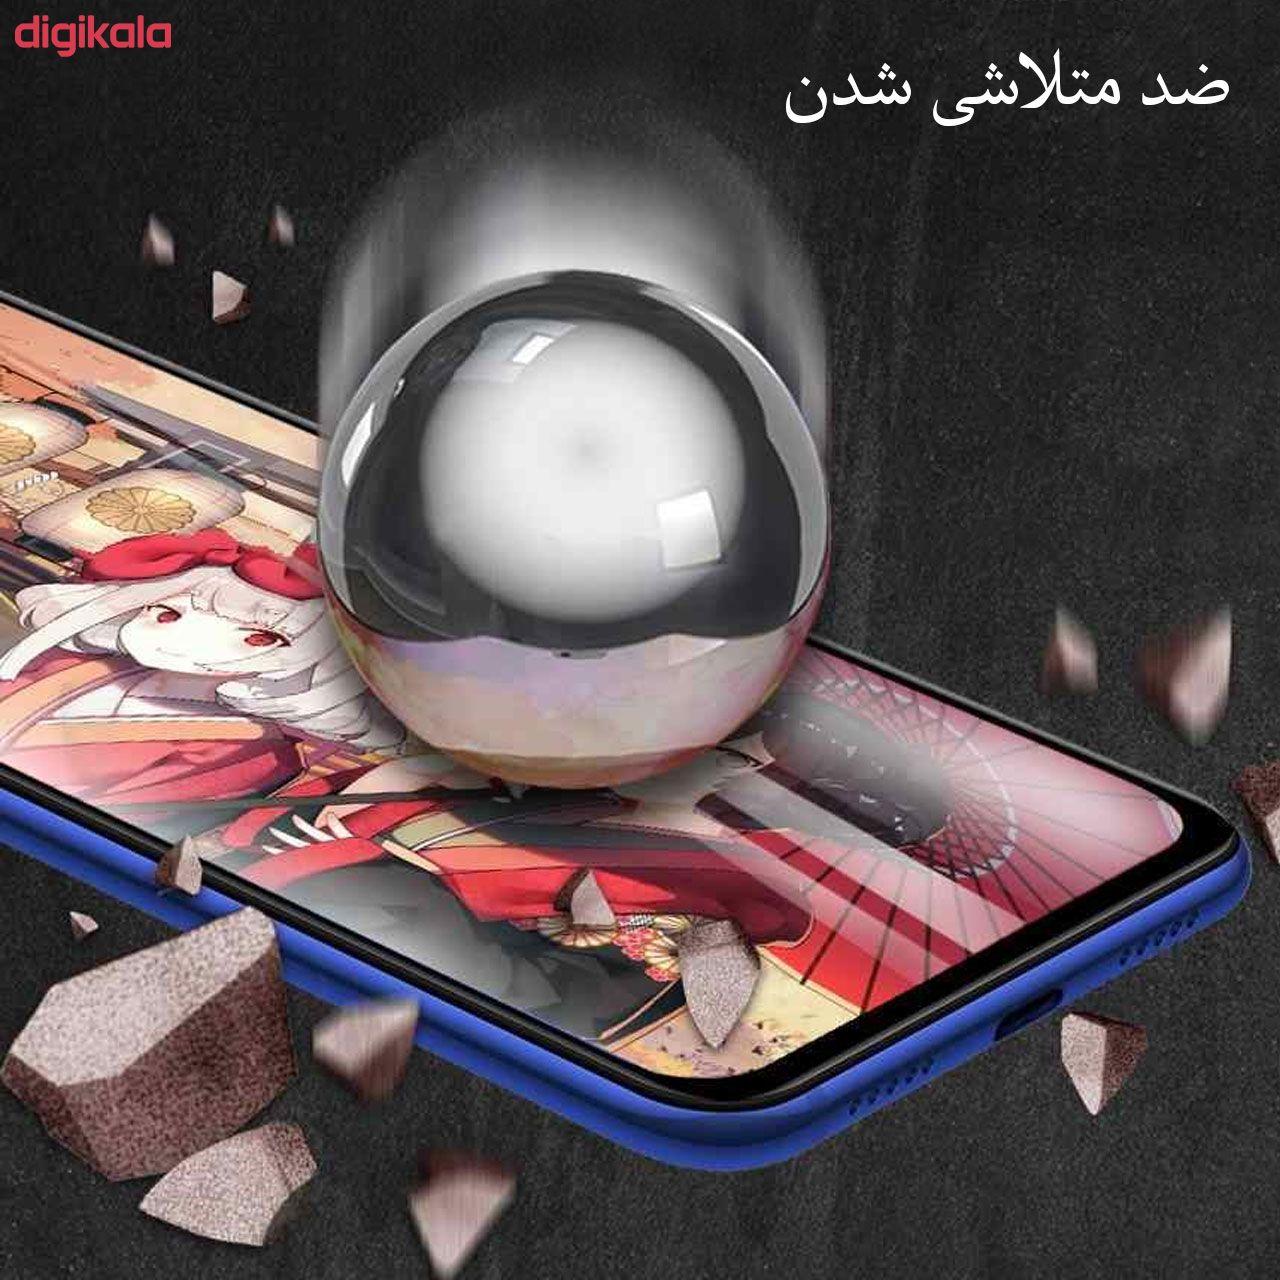 محافظ صفحه نمایش مدل FCG مناسب برای گوشی موبایل سامسونگ Galaxy A11 main 1 8